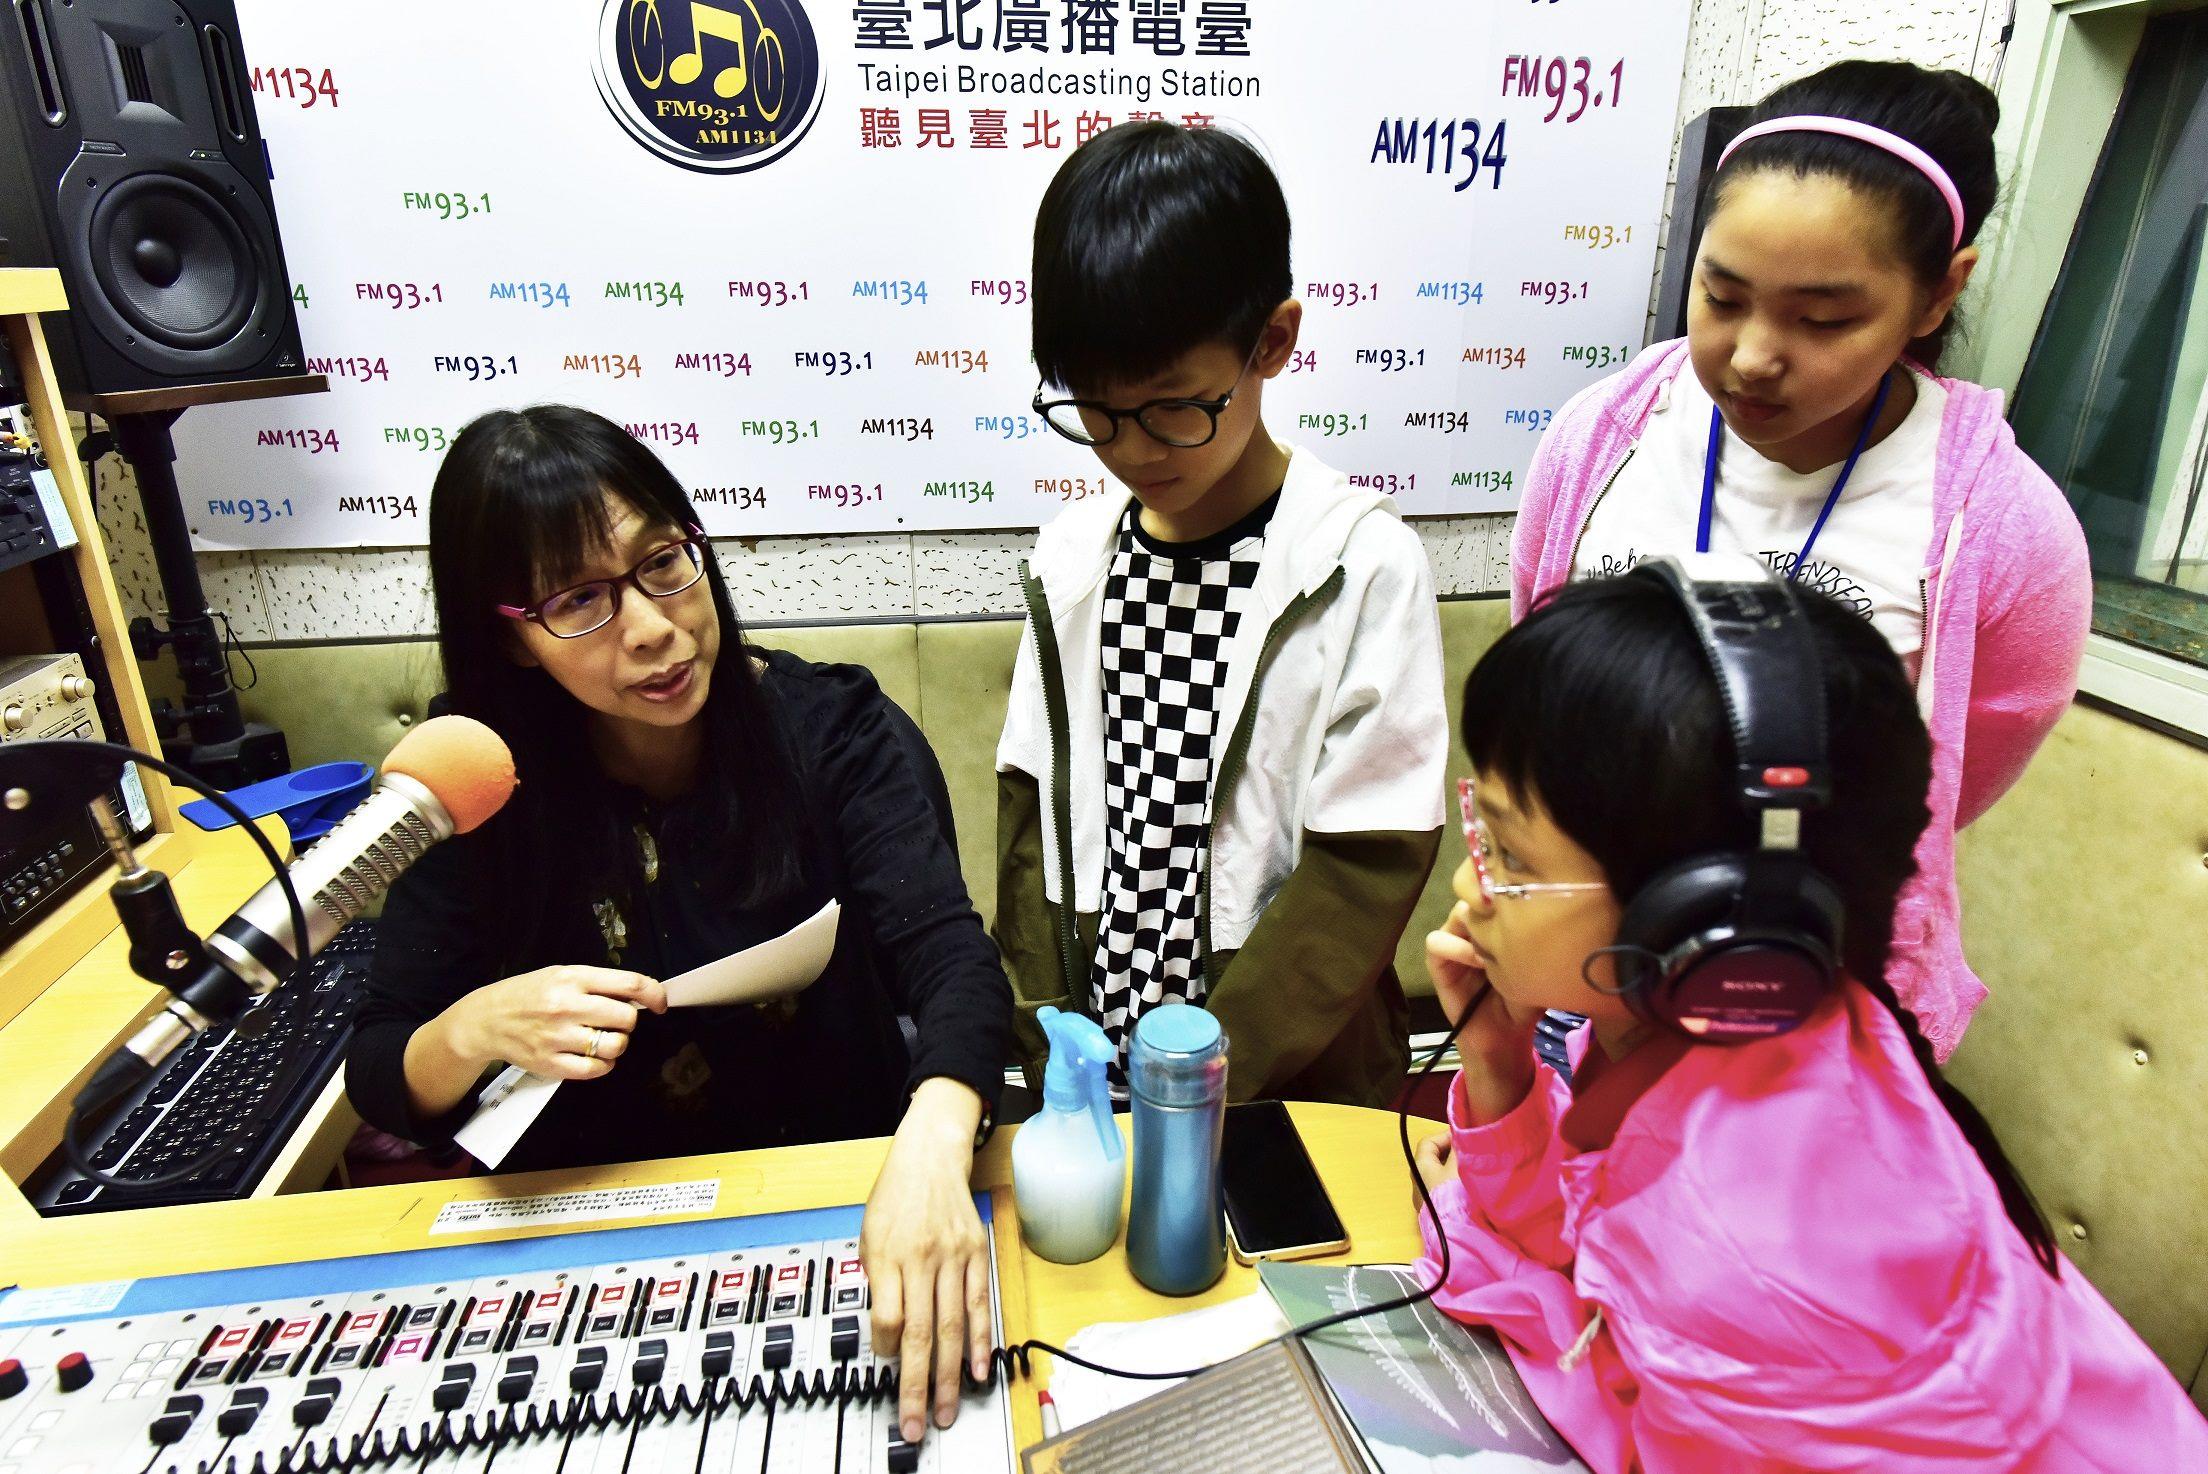 臺北電臺辦理暑期廣播體驗活動,由資深廣播人於錄音間實地解說。